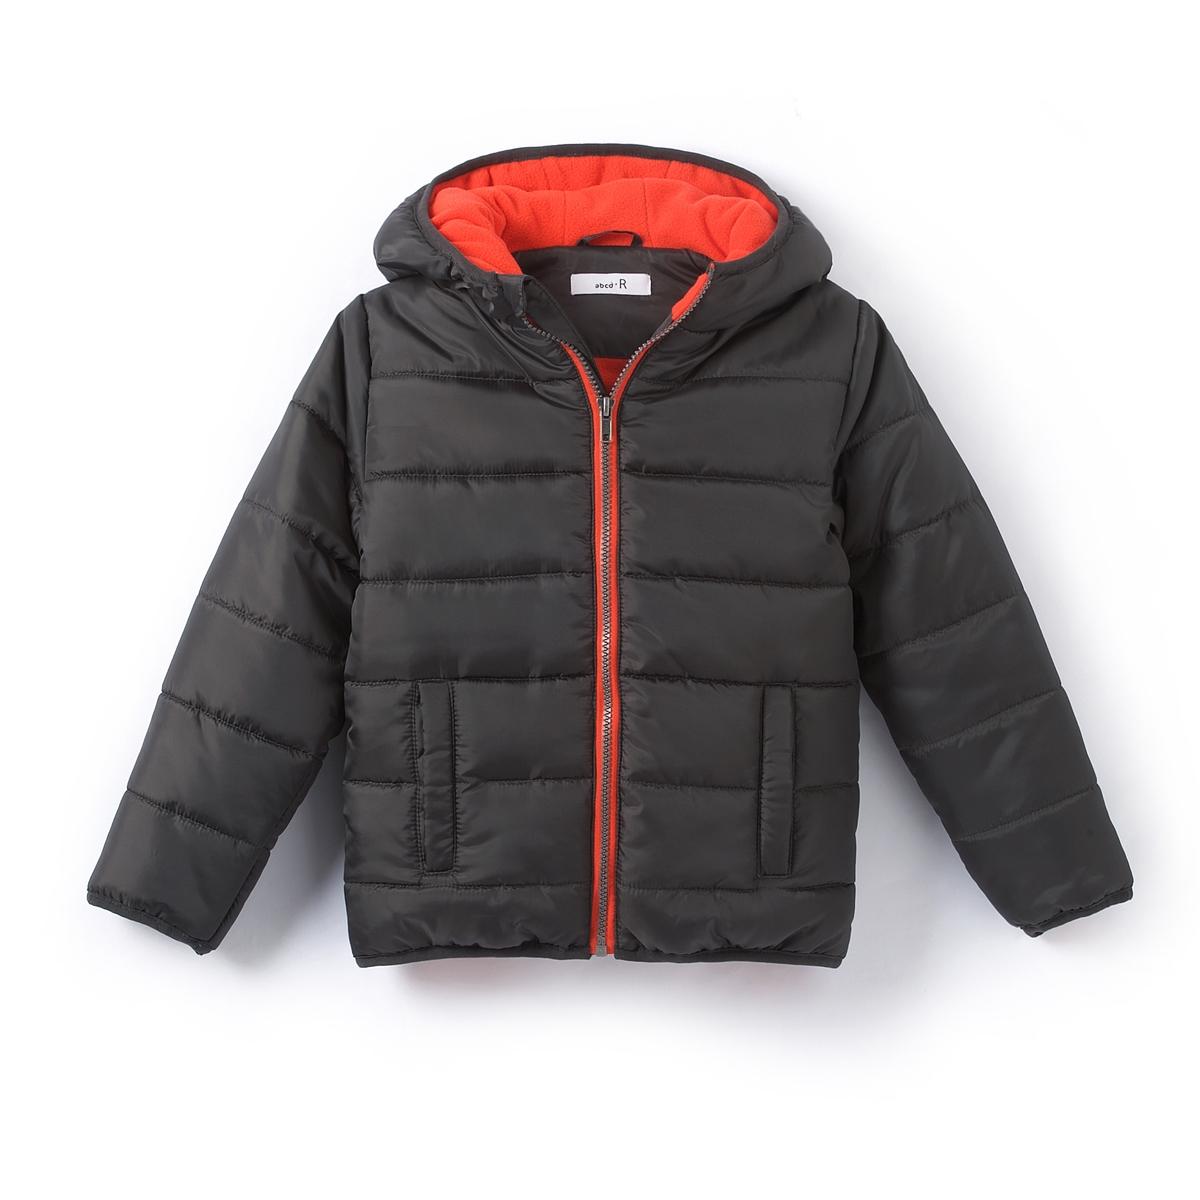 Куртка с капюшоном на флисовой подкладке, 3-12 летОписание:Детали •  Демисезонная модель •  Непромокаемое •  Застежка на молнию •  С капюшоном •  Длина : укороченнаяСостав и уход •  100% полиэстер •  Температура стирки 30°  •  Не гладить / не отбеливать  •  Барабанная сушка на деликатном режиме • Сухая чистка запрещена<br><br>Цвет: антрацит,красный темный<br>Размер: 3 года - 94 см.12 лет -150 см.10 лет - 138 см.8 лет - 126 см.6 лет - 114 см.5 лет - 108 см.4 года - 102 см